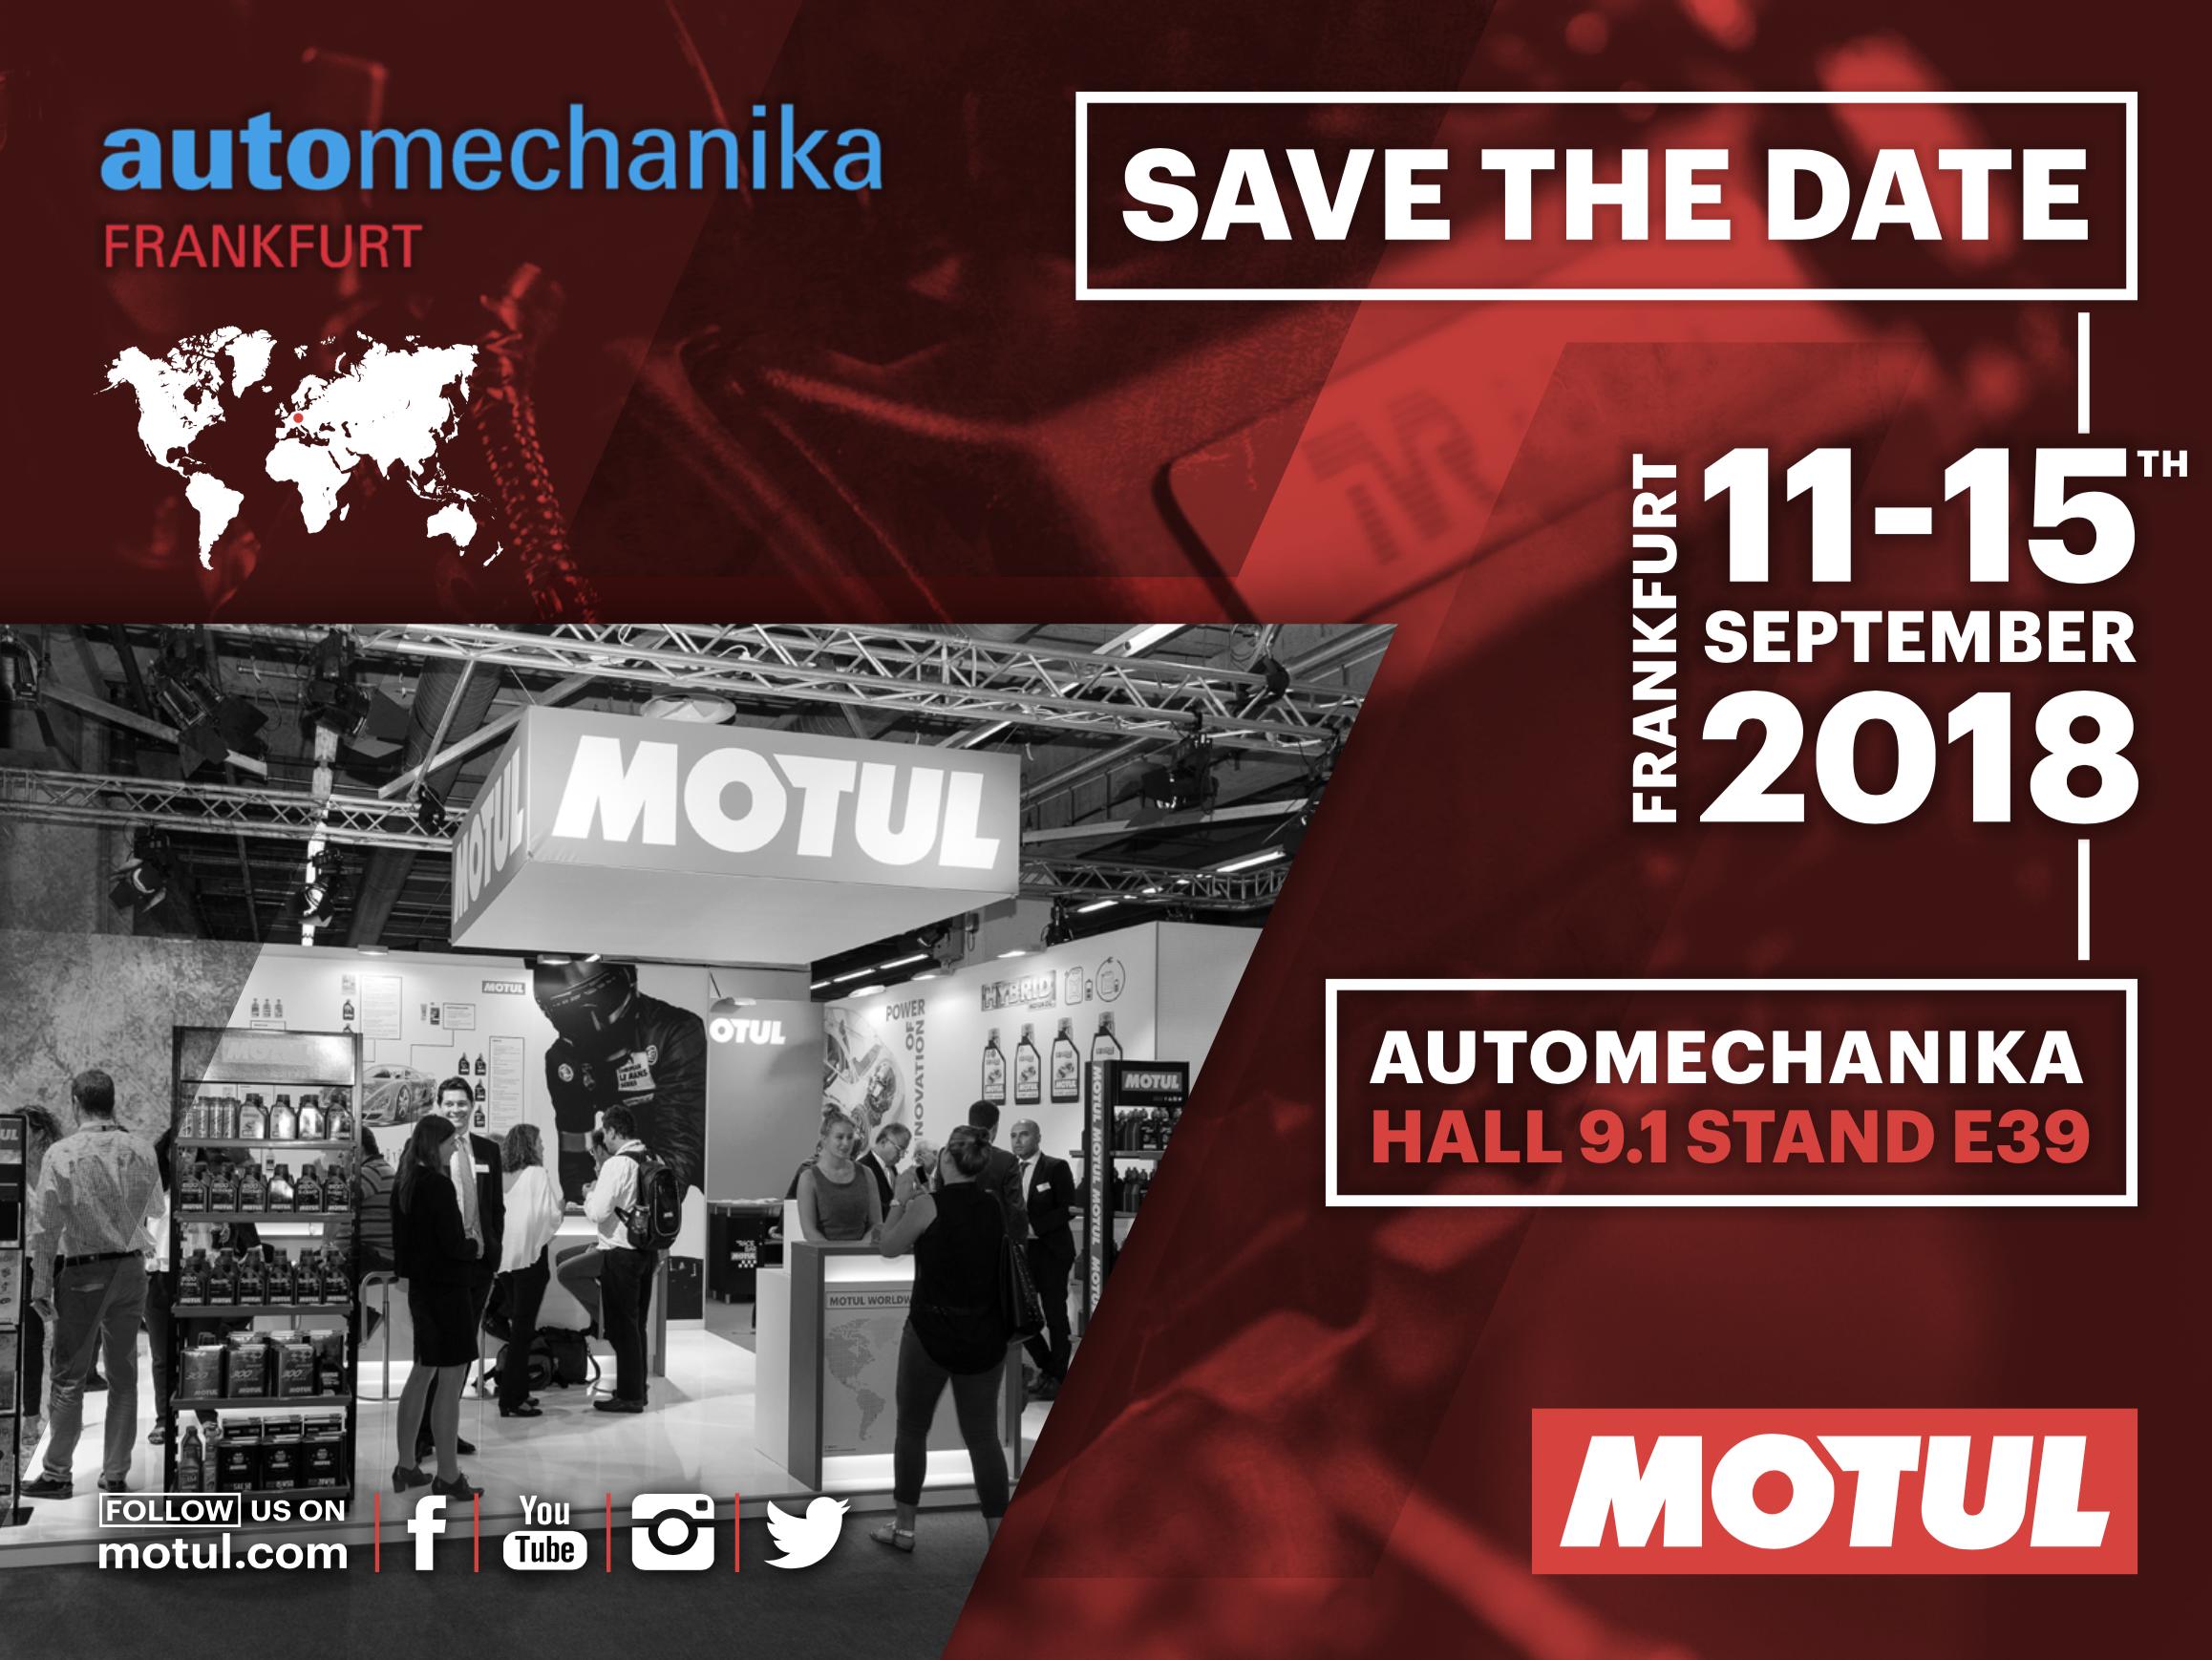 MOTUL презентує нову концепцію Garage Concept і новий продукт серії Hybrid на AUTOMECHANIKA 2018